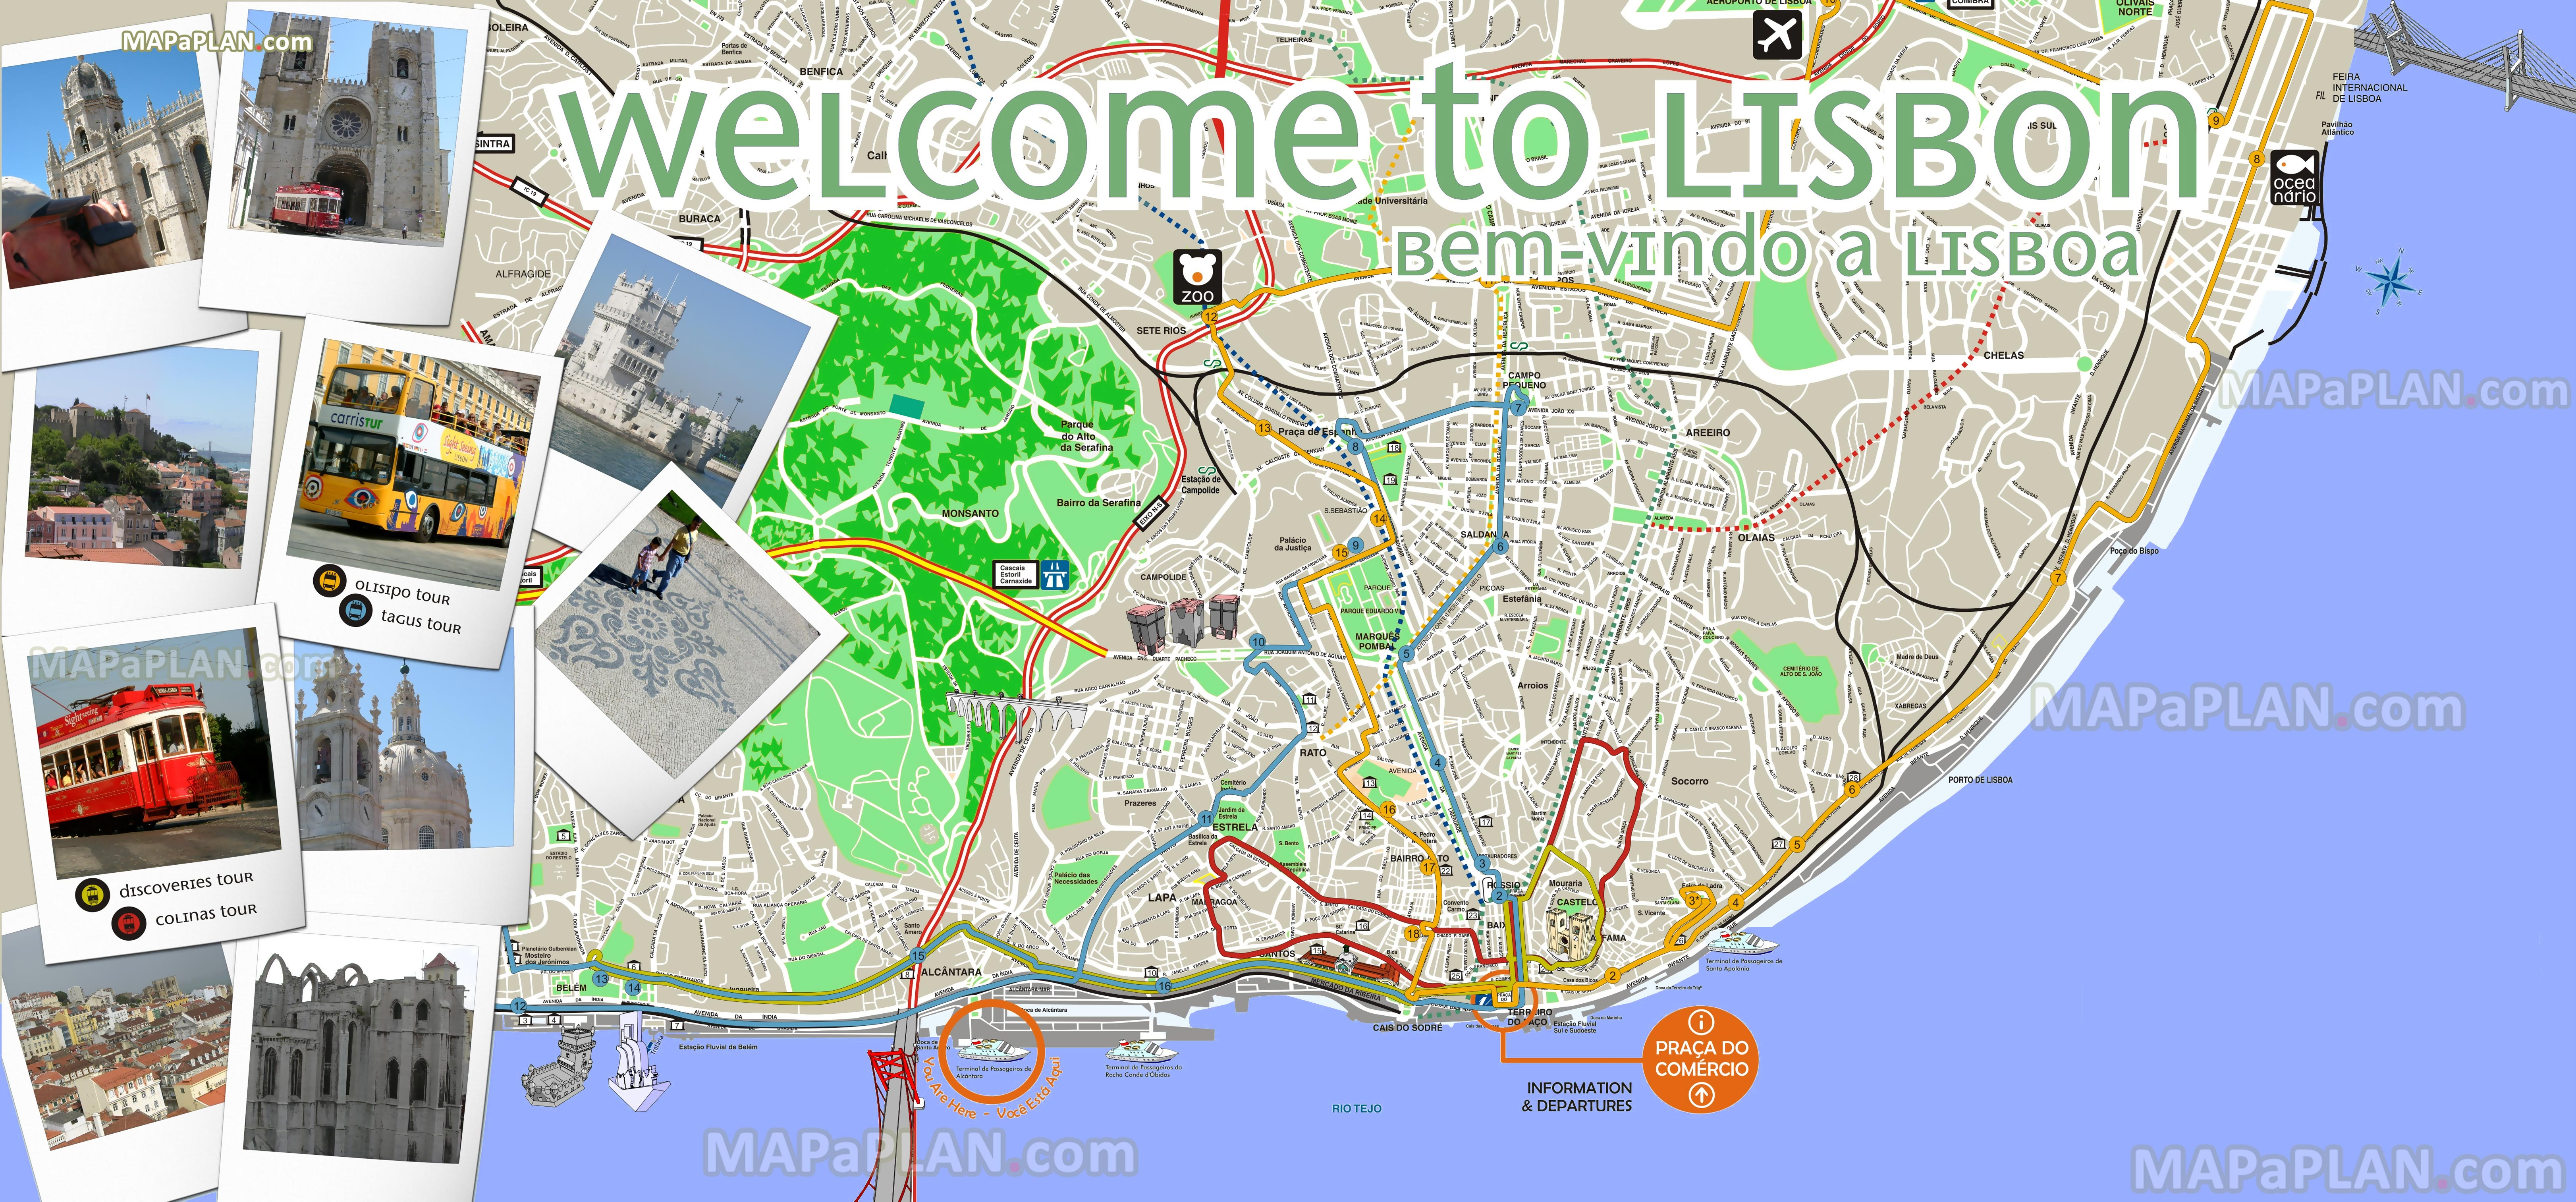 Lisbon Tourist Map Lisbon maps   Top tourist attractions   Free, printable city  Lisbon Tourist Map